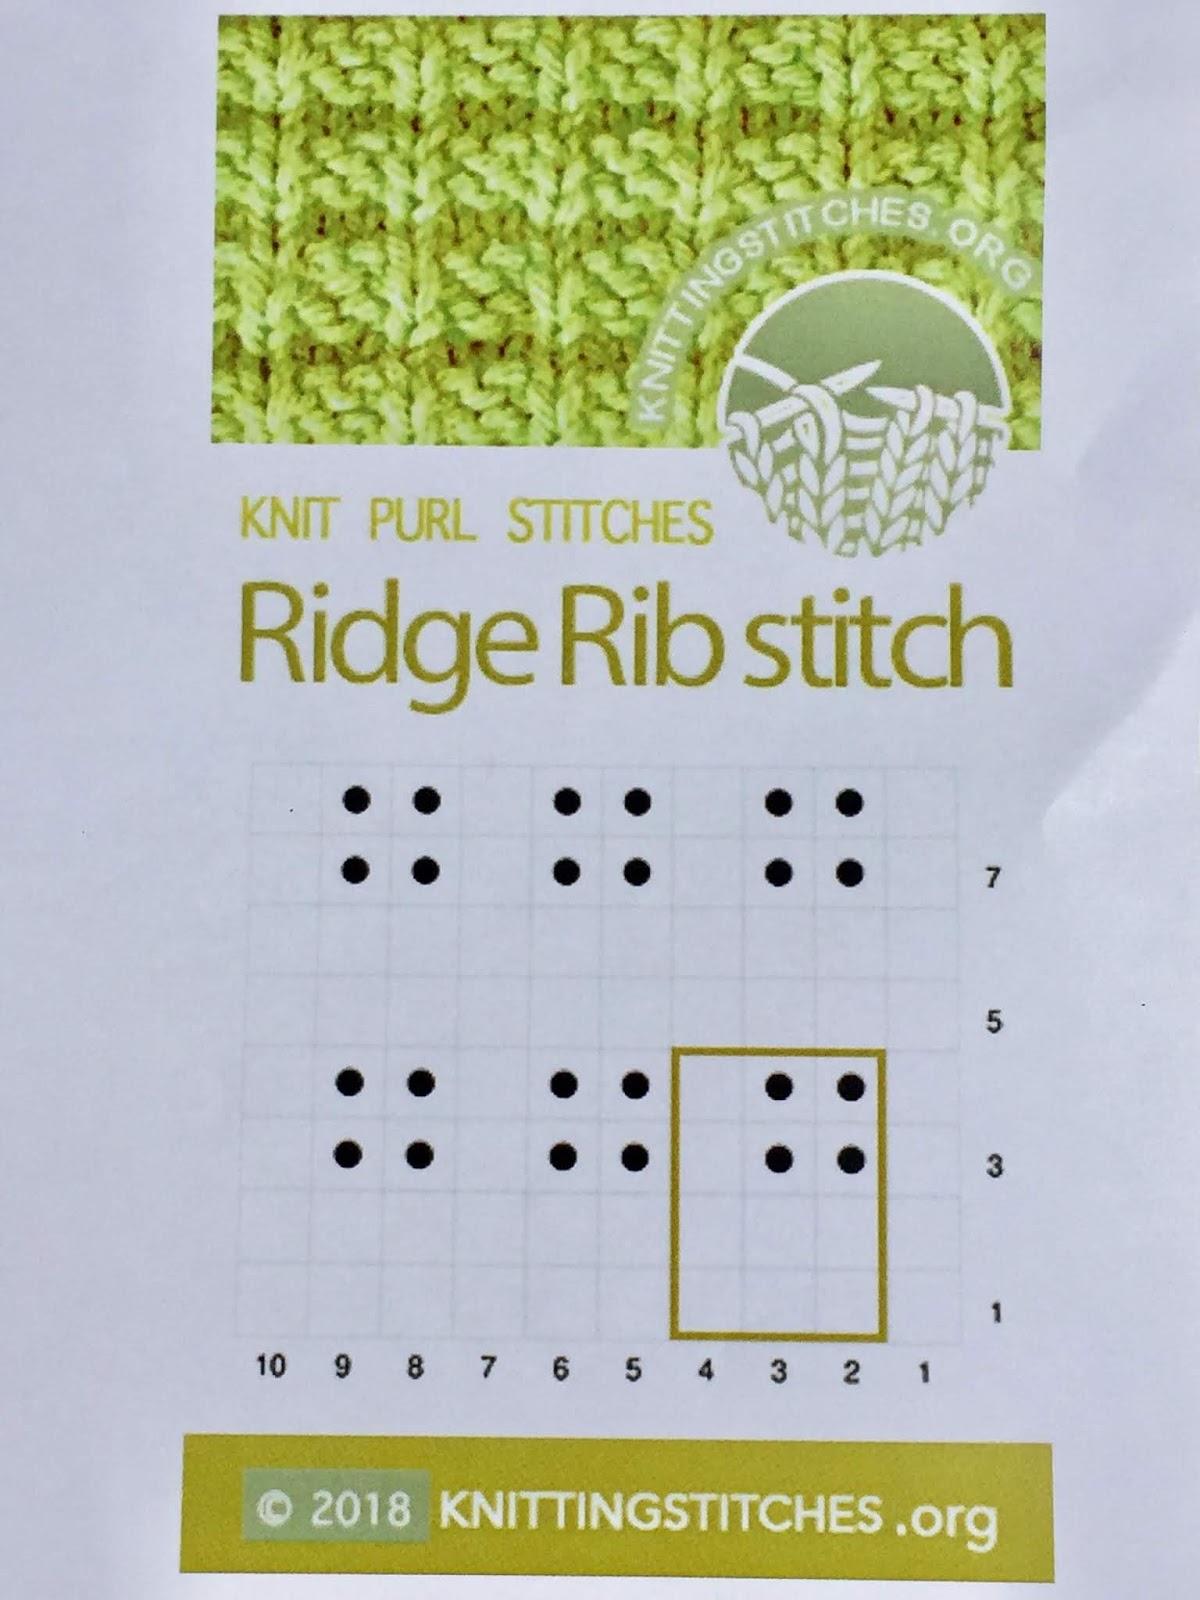 Knitting Stitches 2018 - Ridge Rib stitch pattern